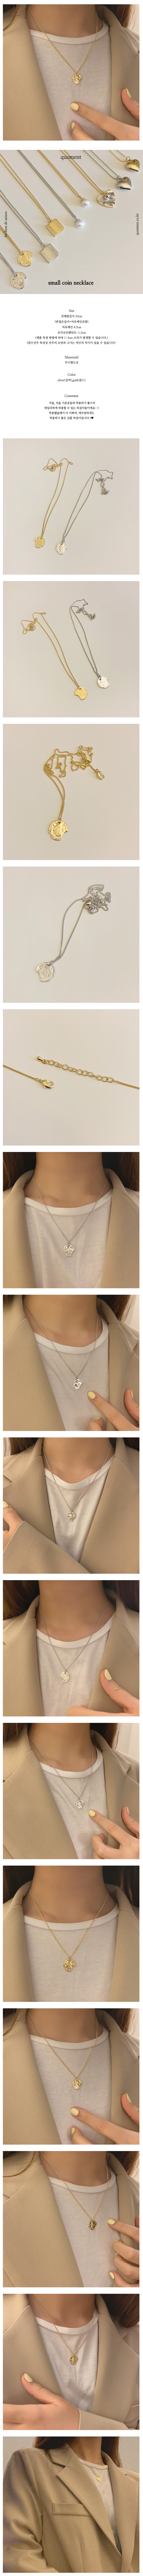 레이어드 담수진주 자개하트 코인 심플 목걸이 5종 - 쿼먼트, 15,900원, 패션, 패션목걸이